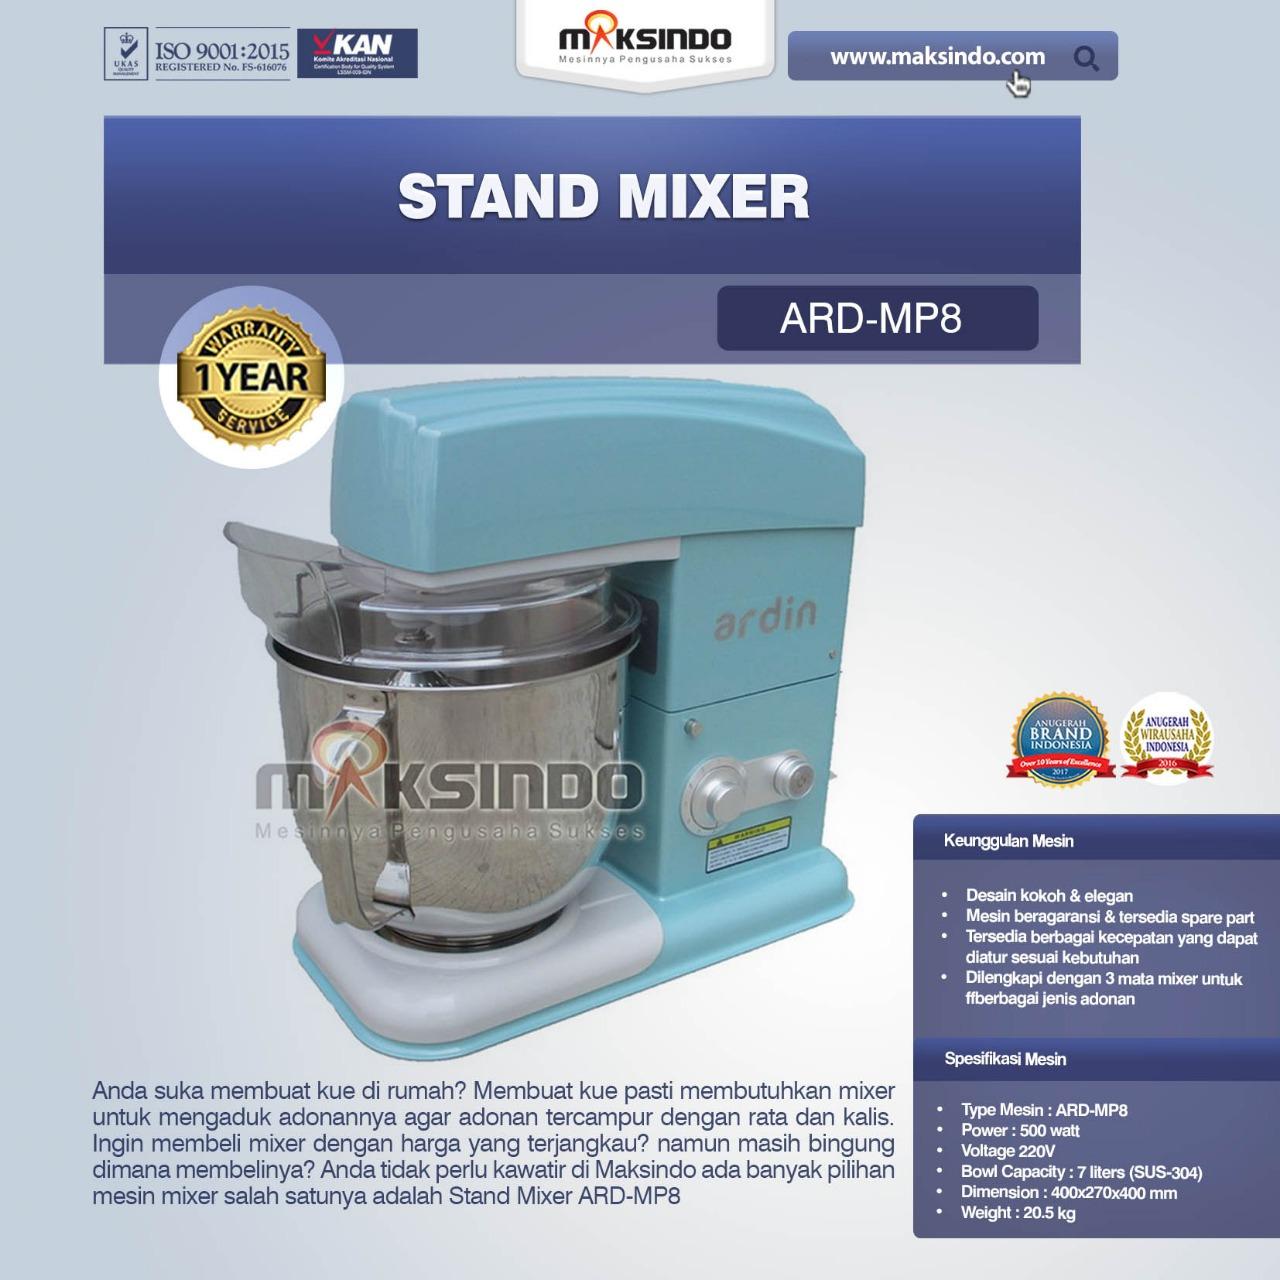 Stand Mixer ARD-MP8